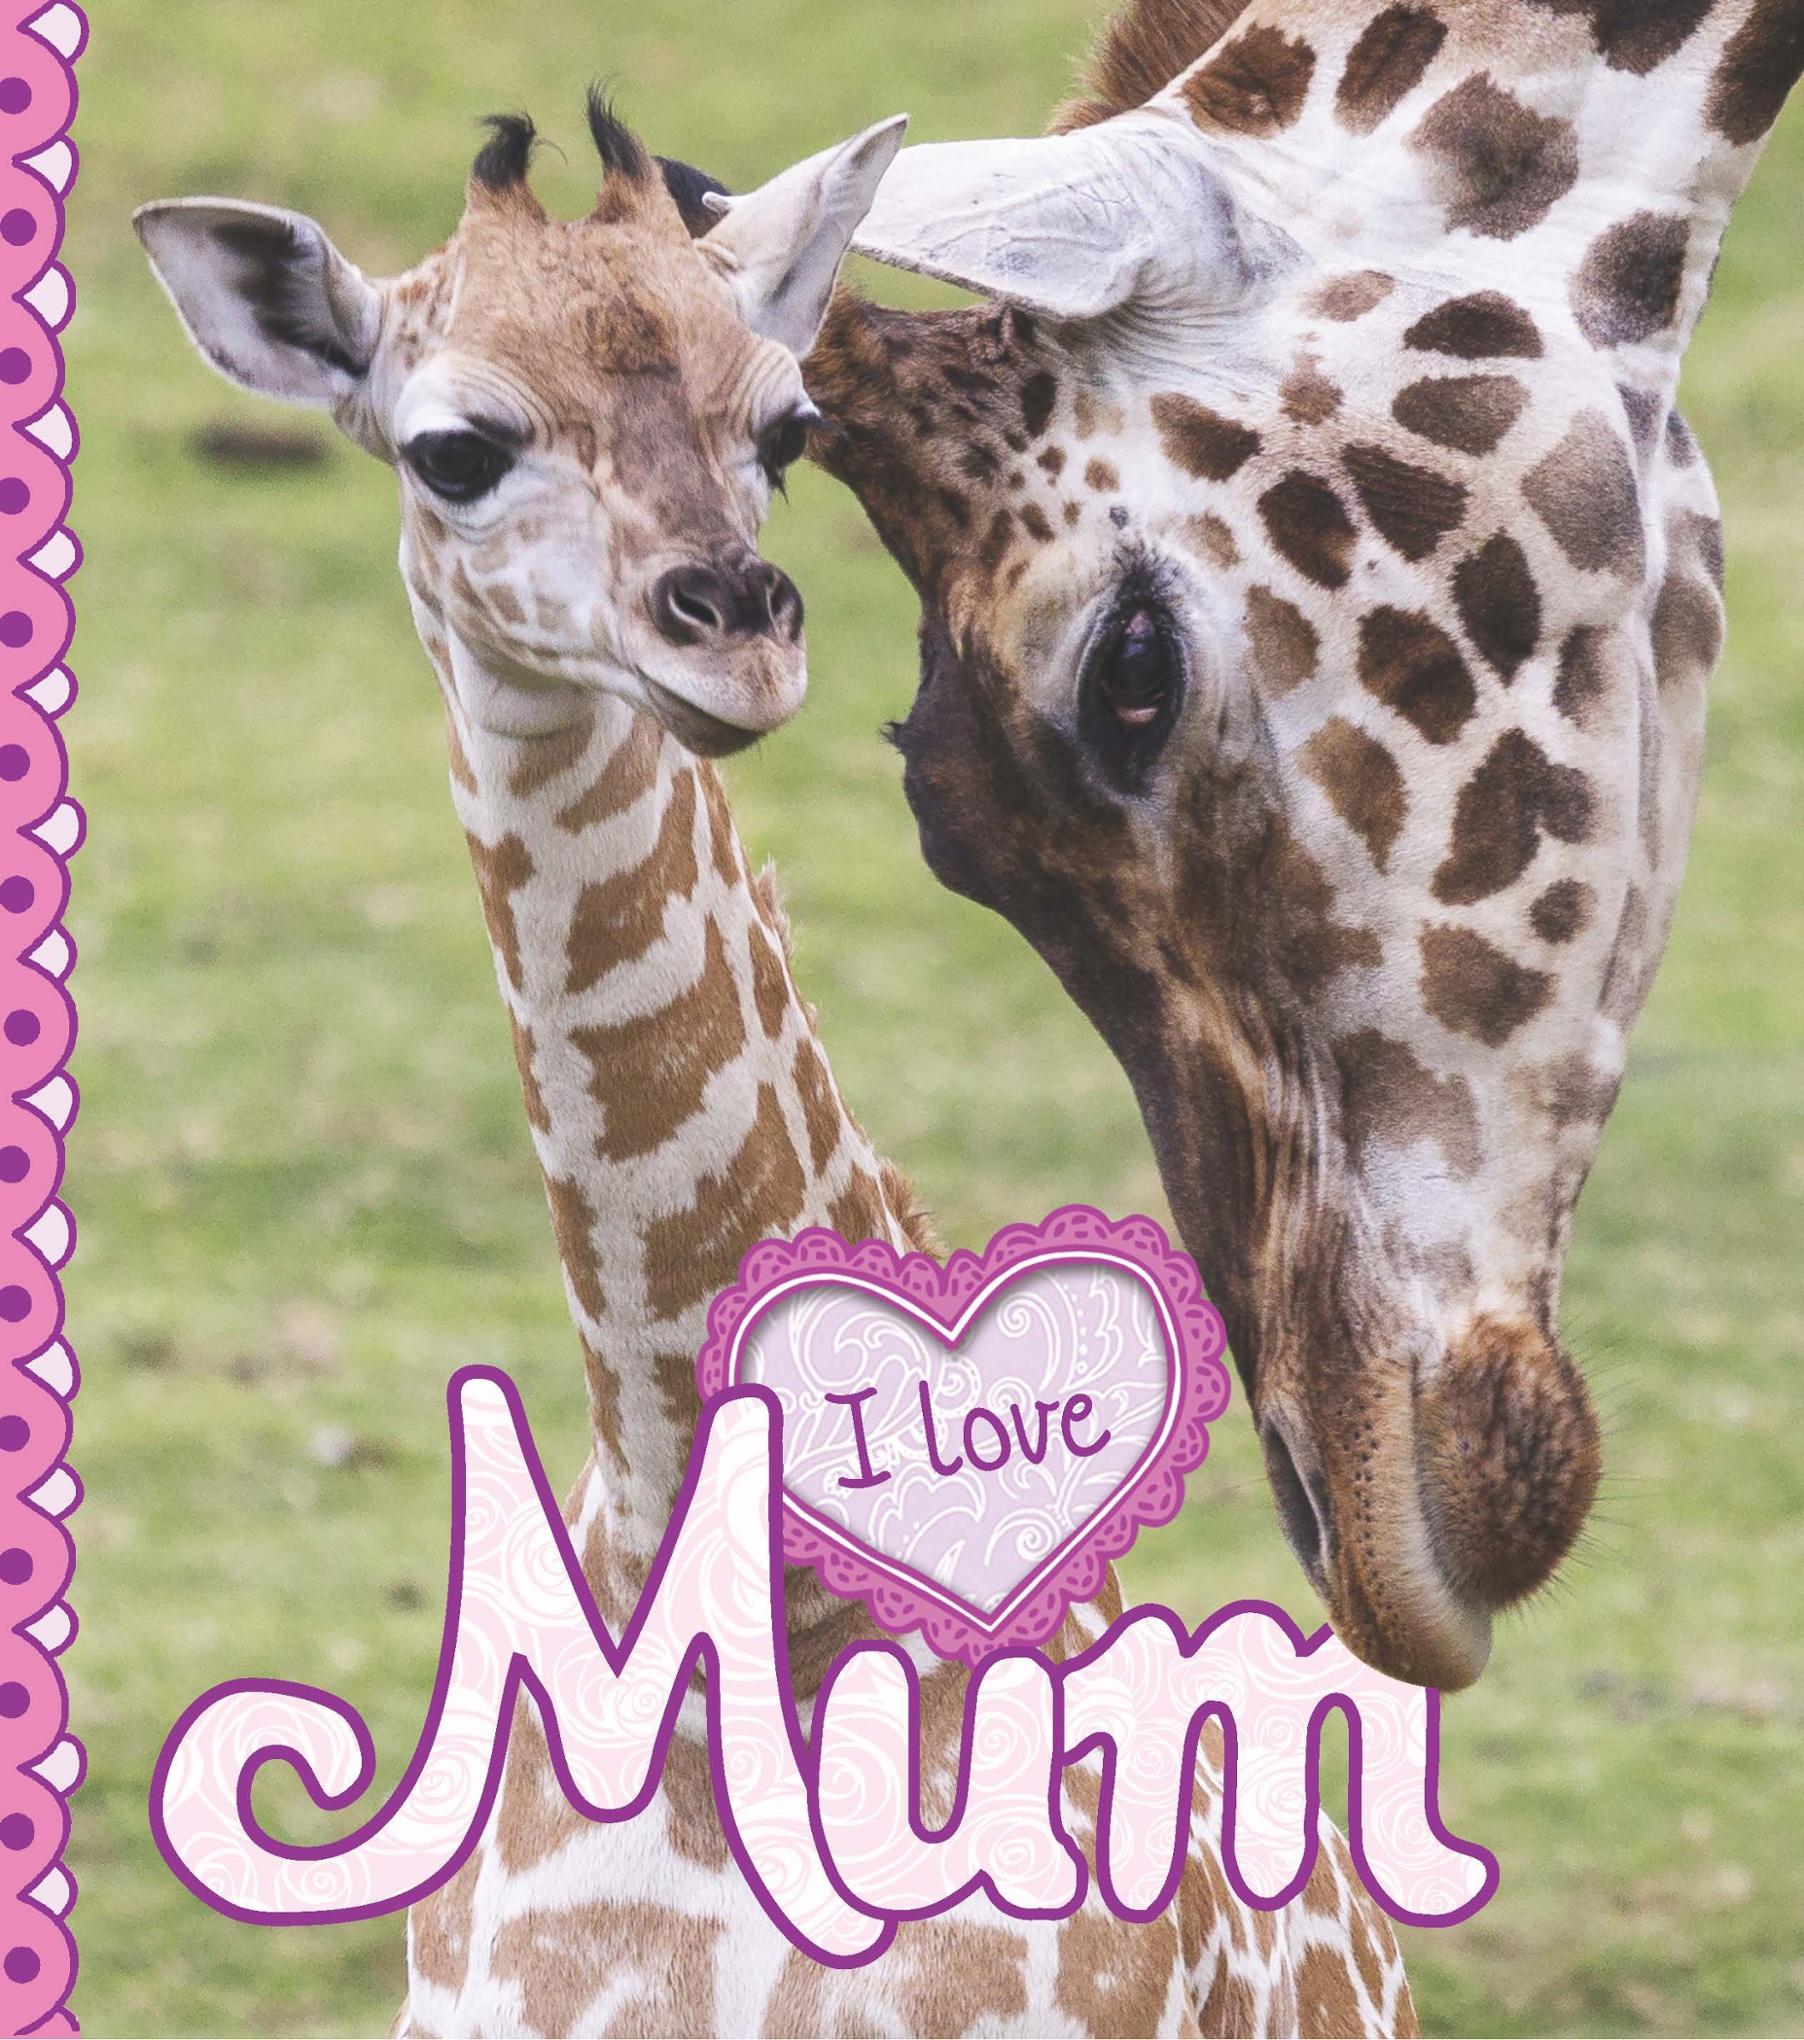 mum kids animals - photo #19